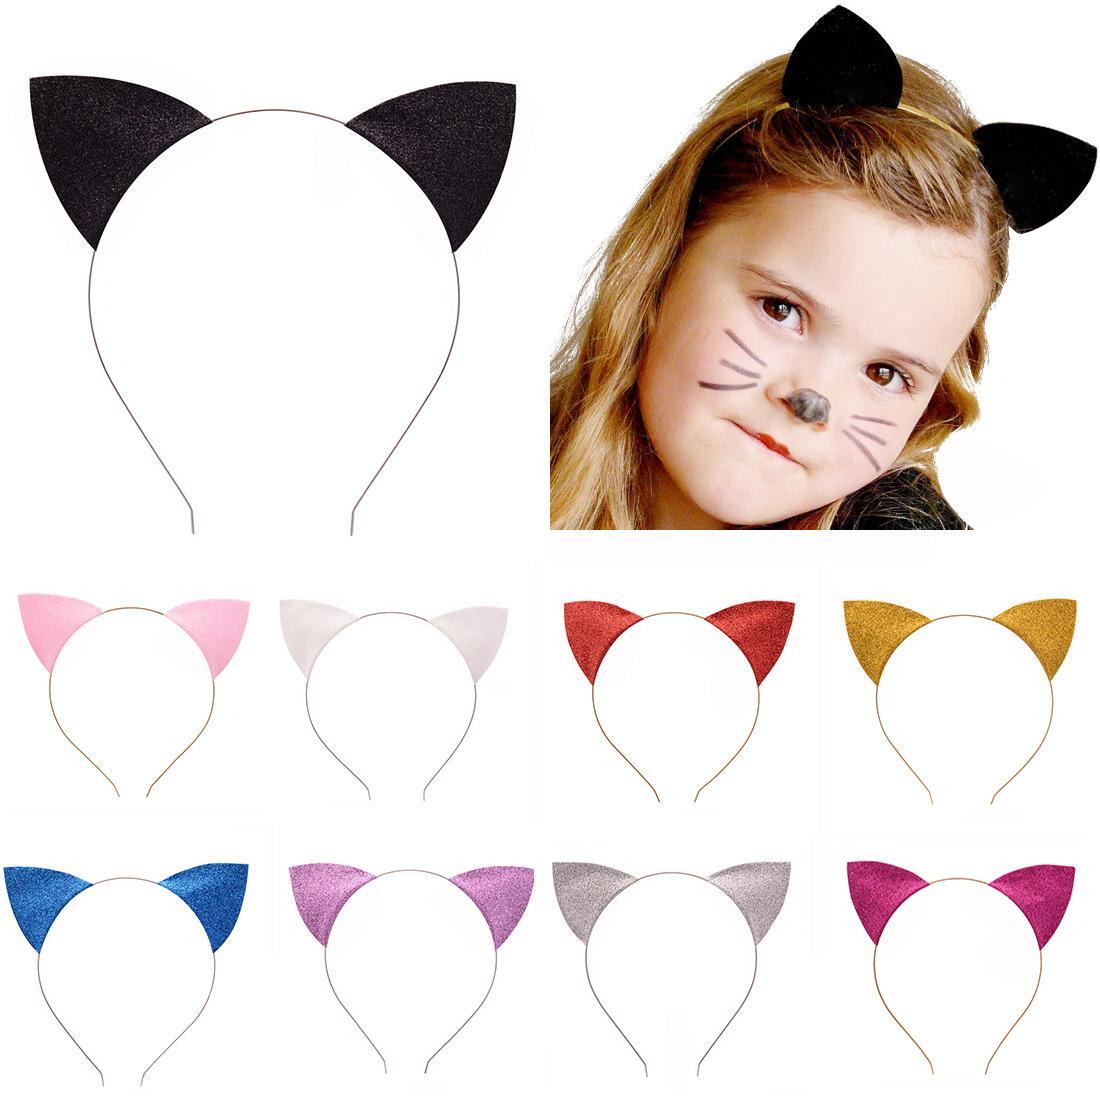 طفل الفتيات الشعر العصي الأطفال اكسسوارات للشعر آذان القط عقال أطفال لطيف تأثيري غطاء الرأس طارة 12 ألوان KFG01